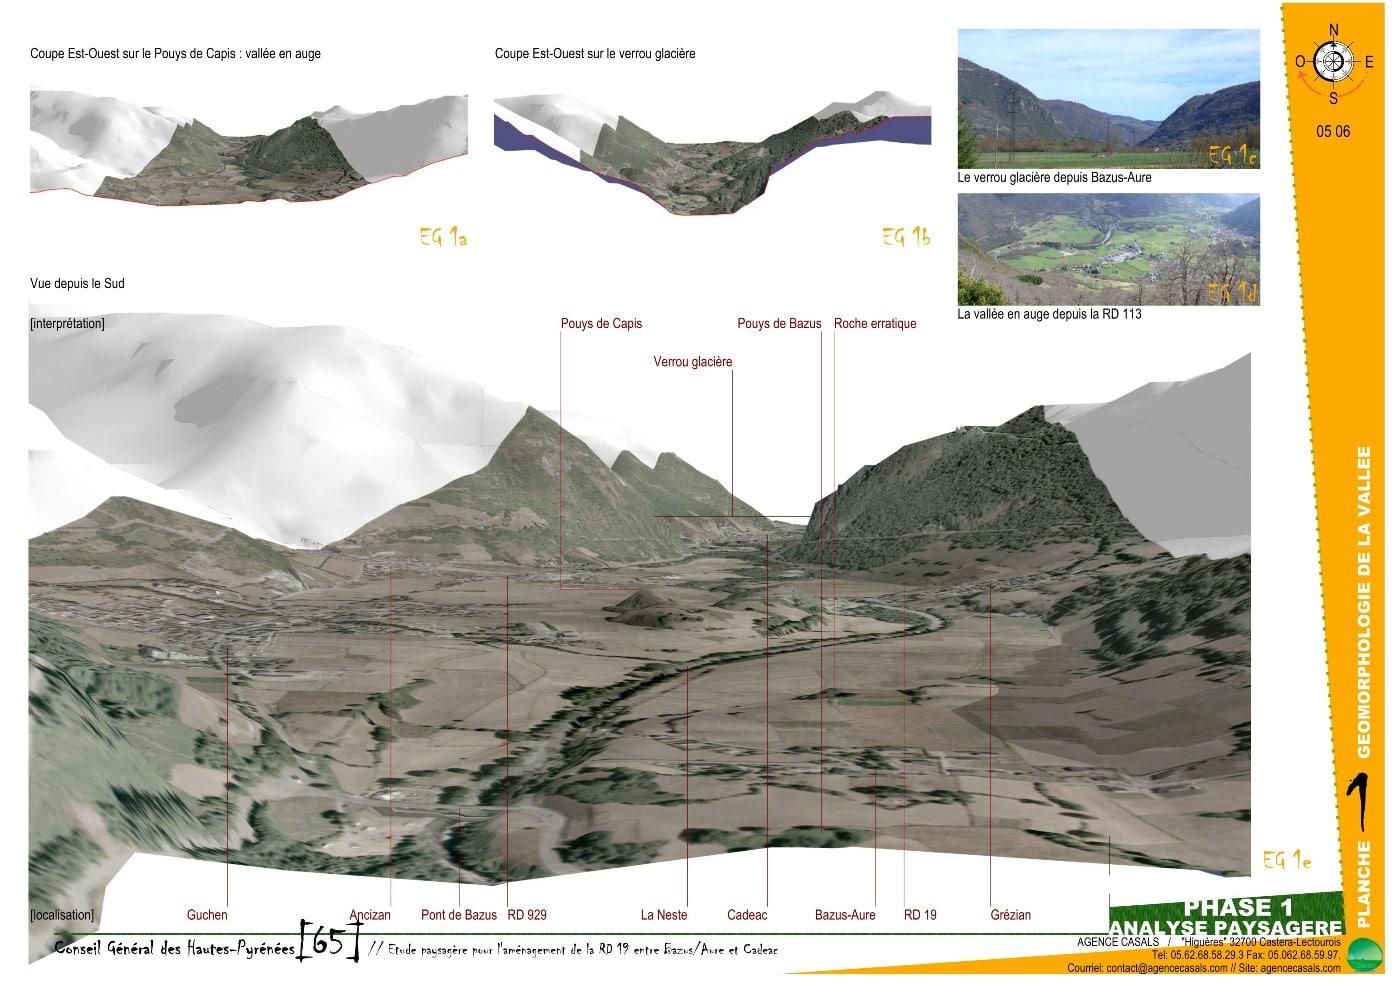 Phase 1 analyse paysagère des paysages traversés